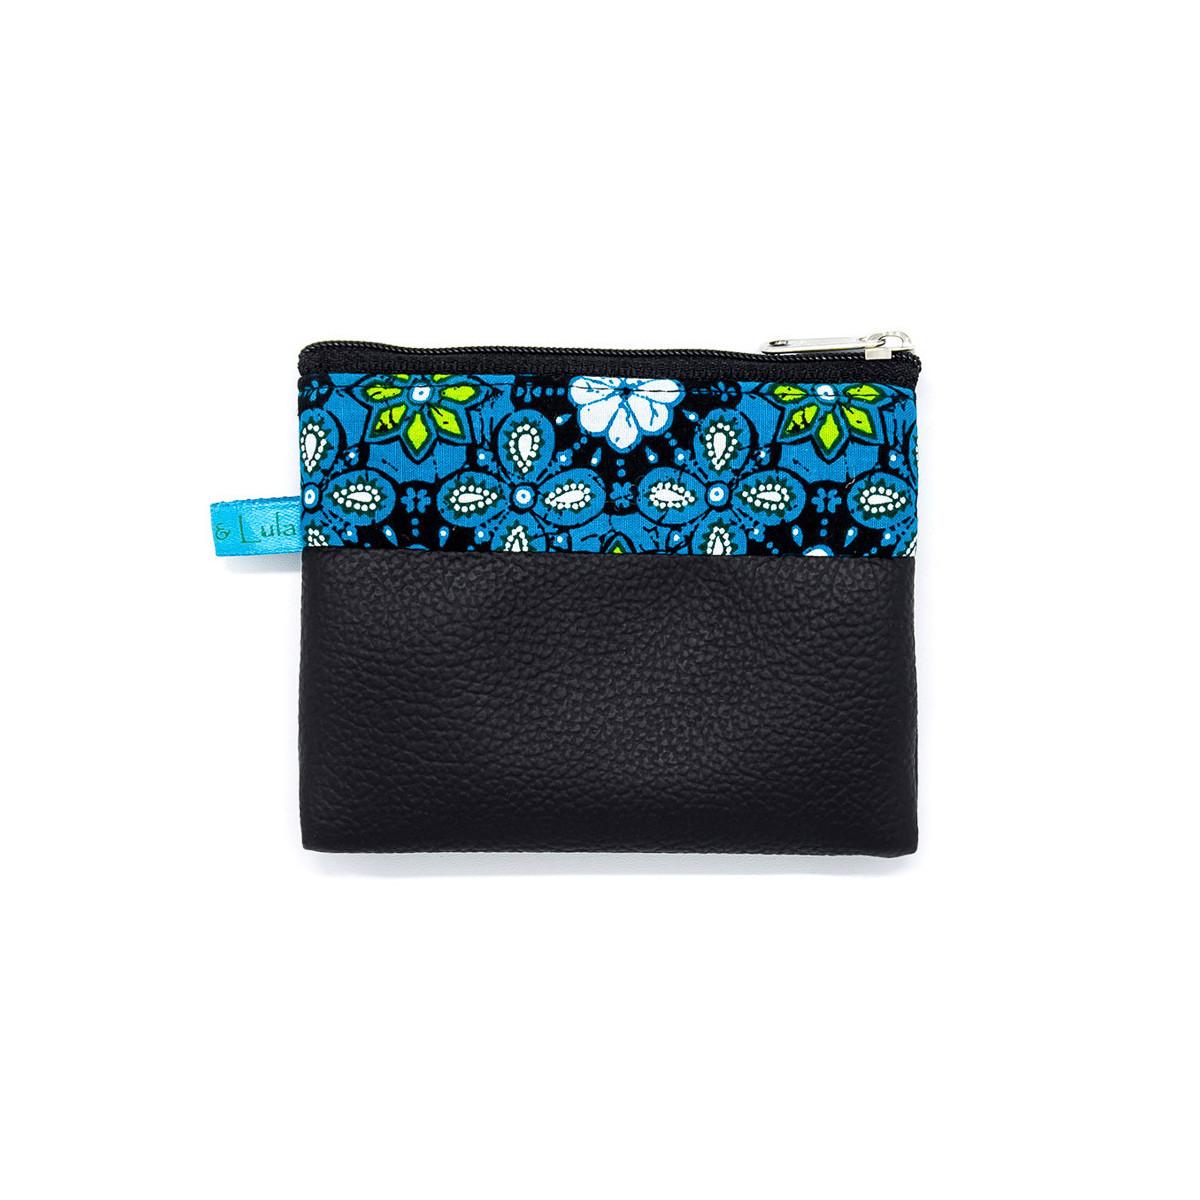 Petit porte-monnaie zippé noir et bleu